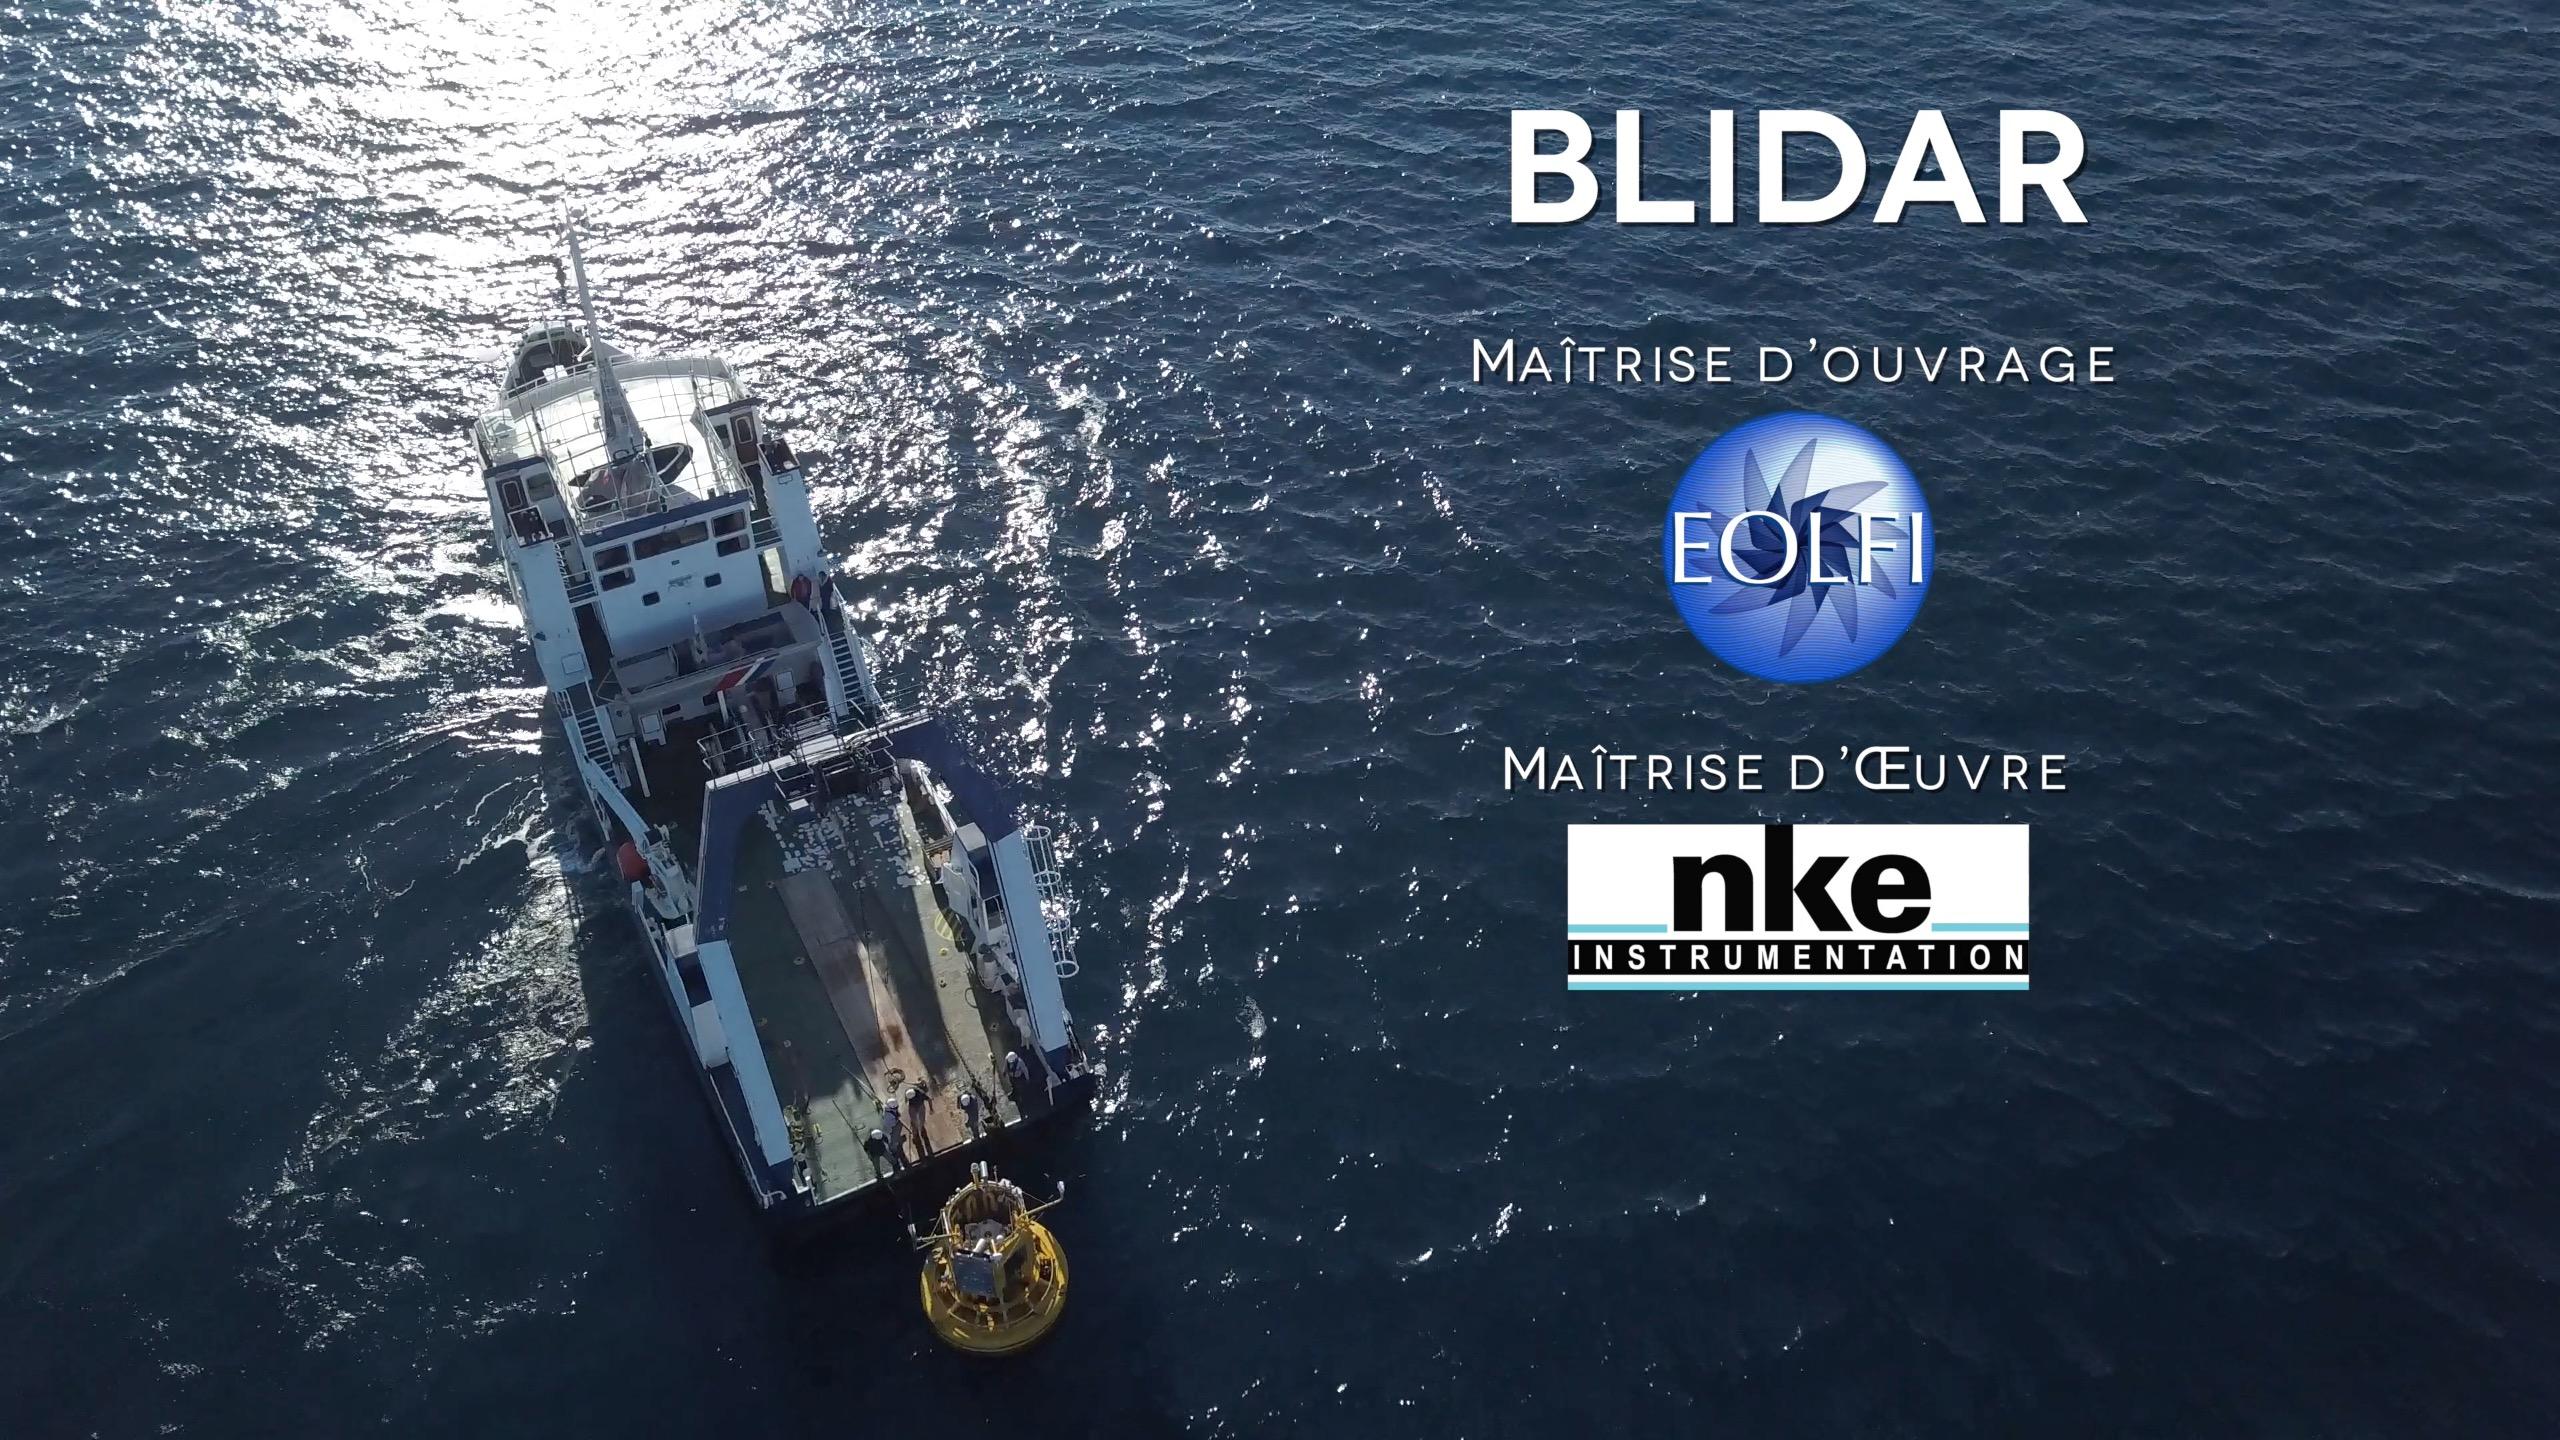 Production d'un film pour EOLFI, par Drone-Pictures